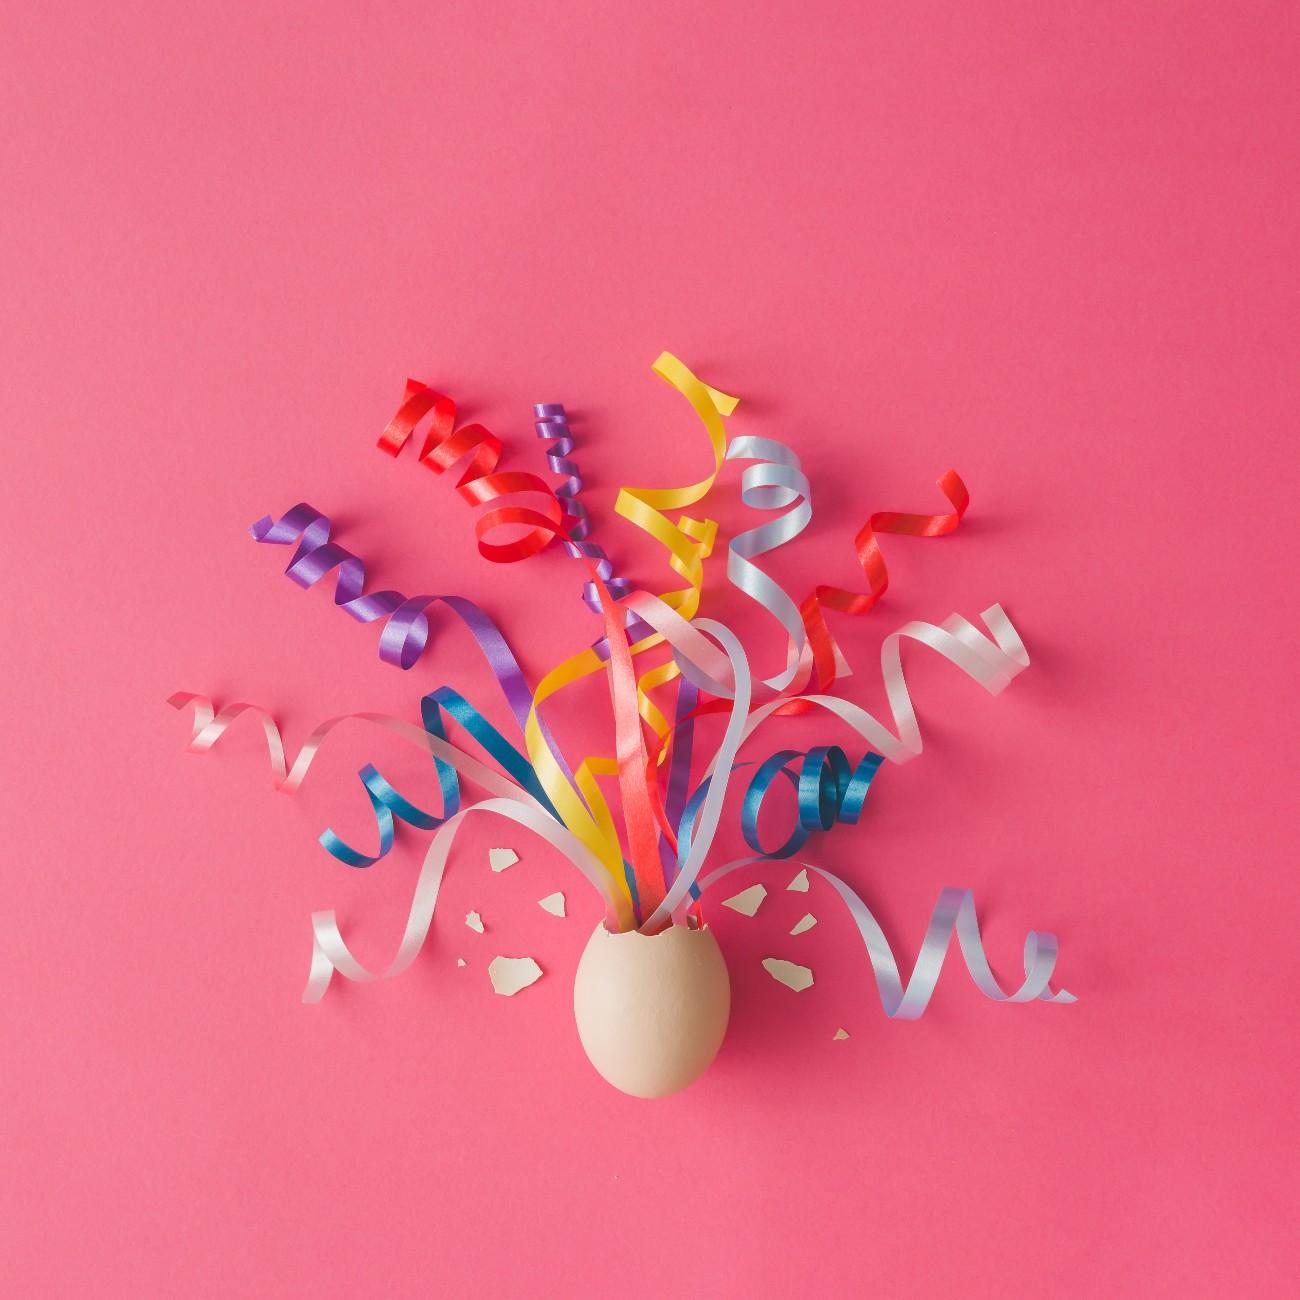 Egg Freezing party - festa a tema fertilità femminile. Un uovo da cui escono festoni colorati